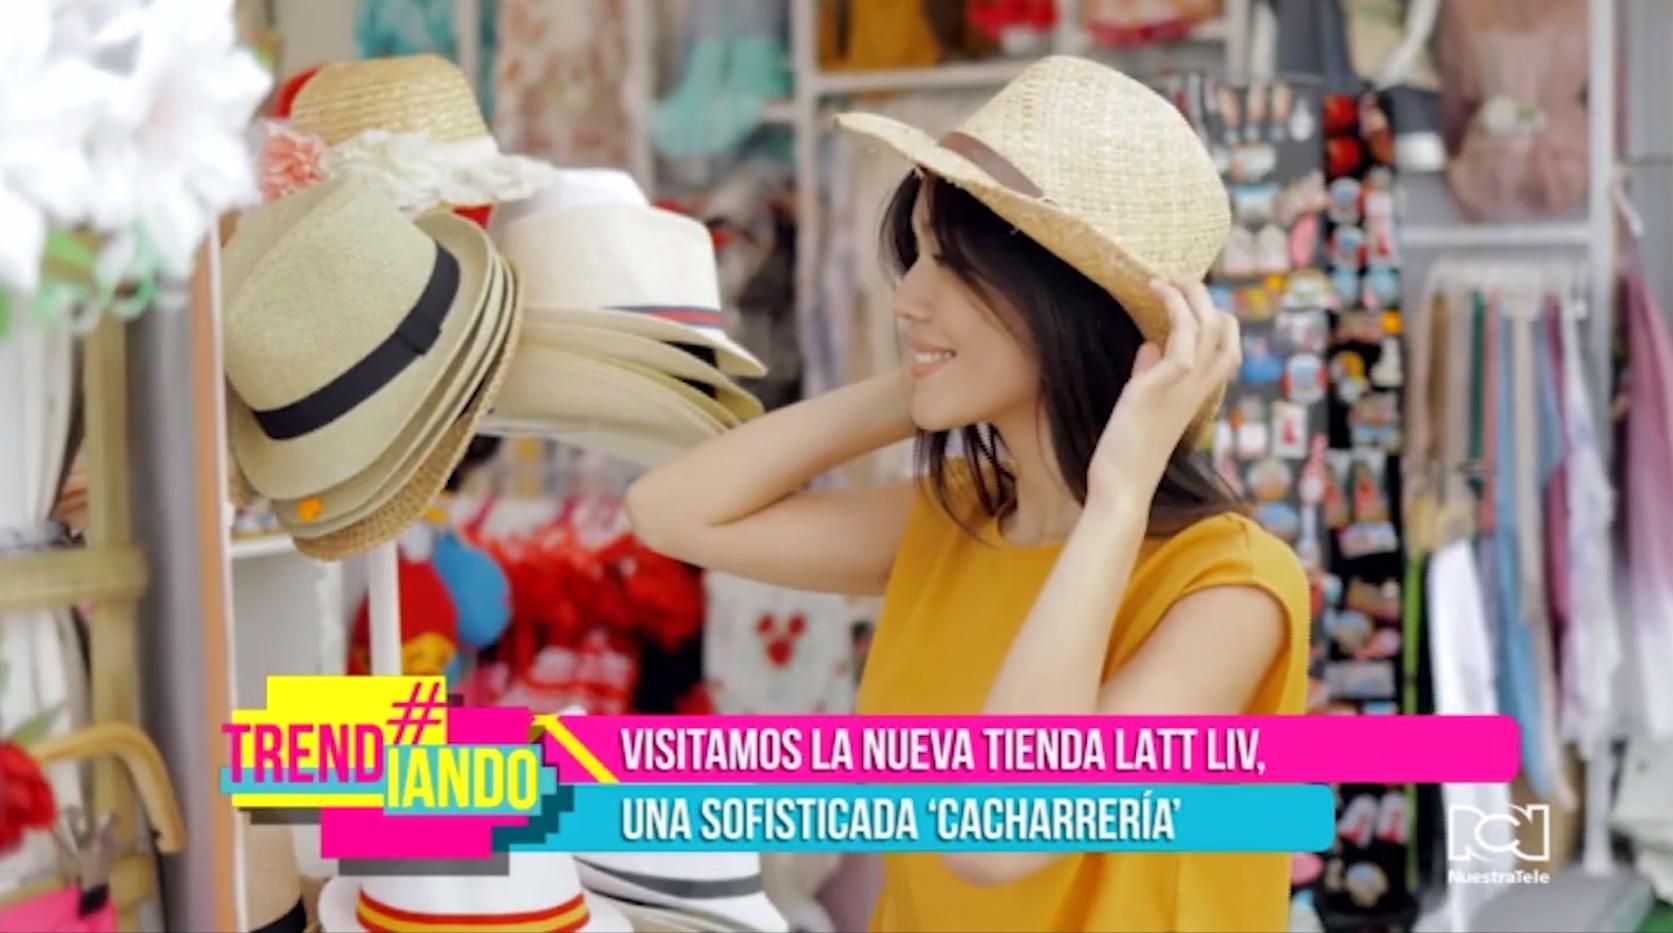 Lätt Liv llegó a Colombia con productos de calidad y a bajo costo